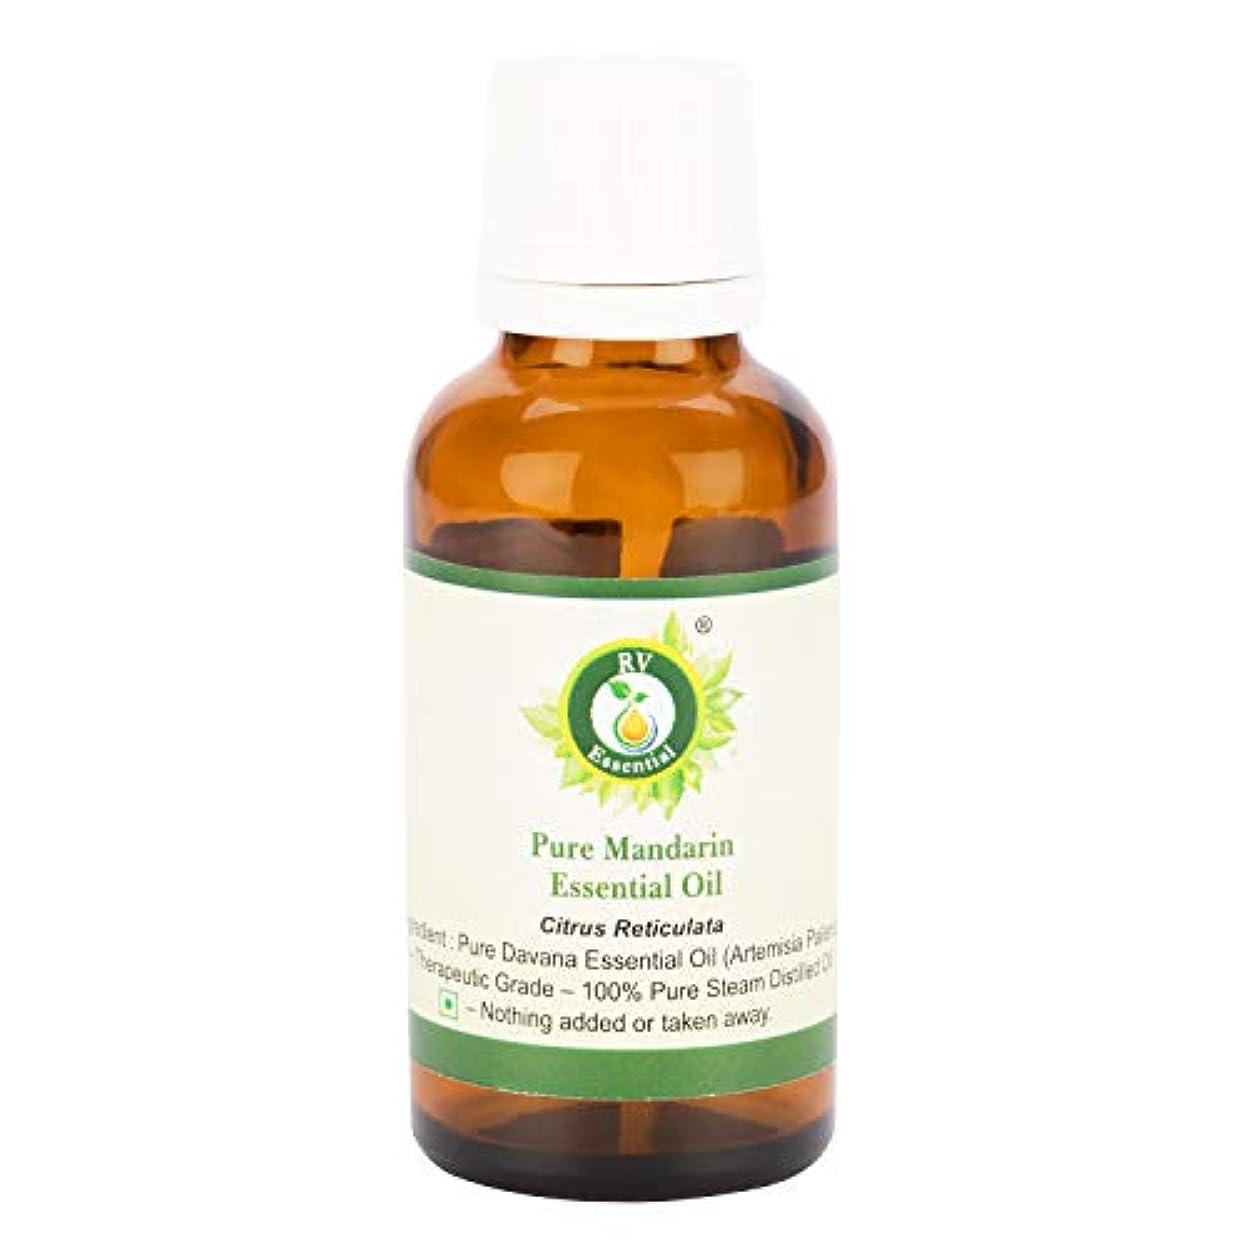 起訴する見出し屋内でピュアマンダリンエッセンシャルオイル5ml (0.169oz)- Citrus Reticulata (100%純粋&天然スチームDistilled) Pure Mandarin Essential Oil